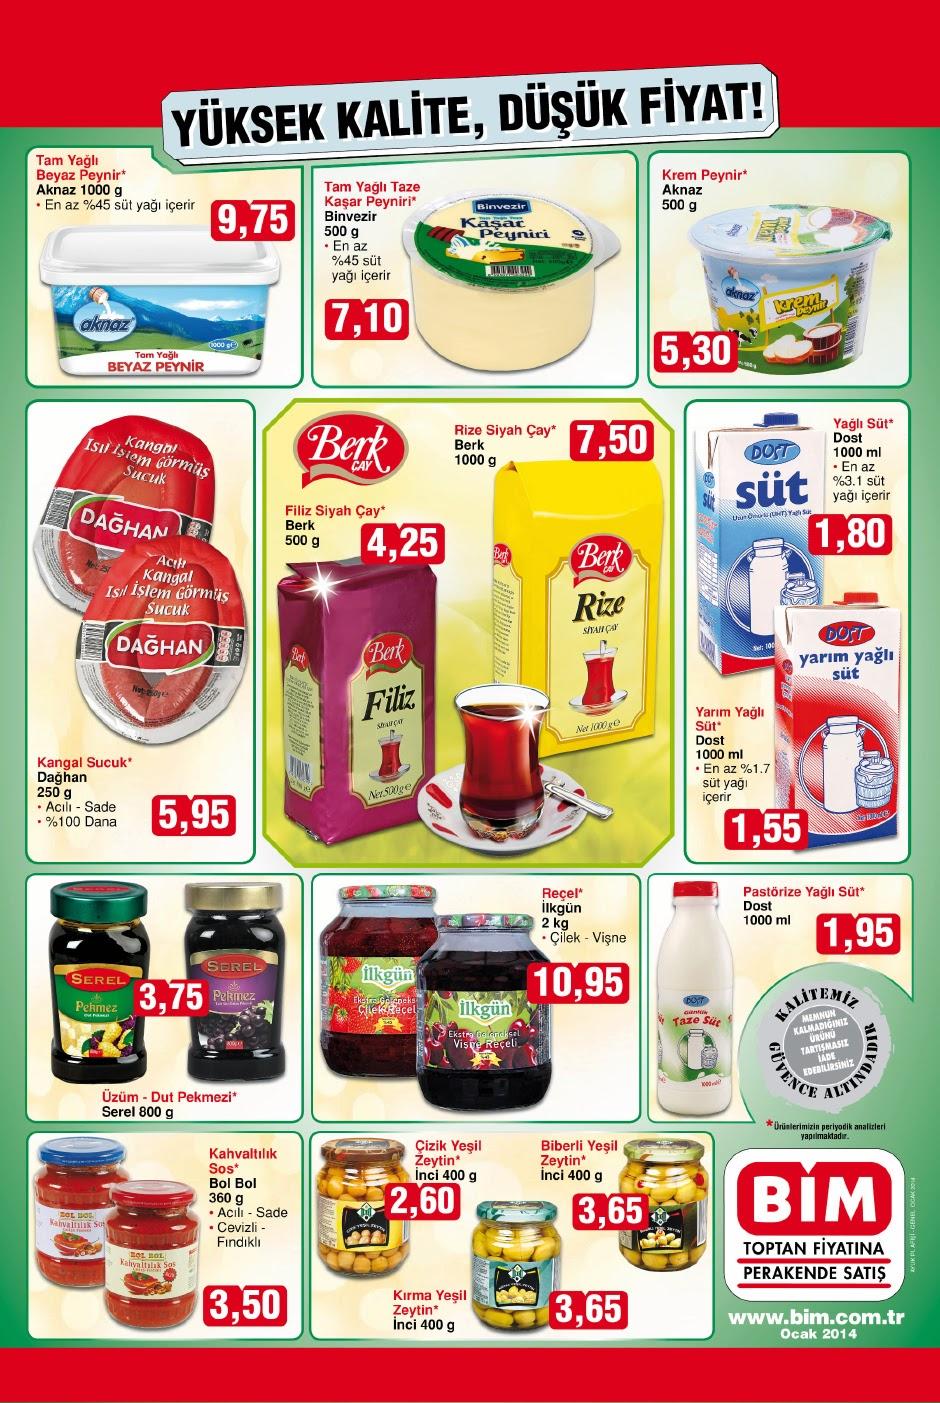 modal+AYIN+URUNLERI+kahvalt+copy BİM 24 Ocak–31 Ocak 2014 Aktüel Ürünler Listesi   Broşürü